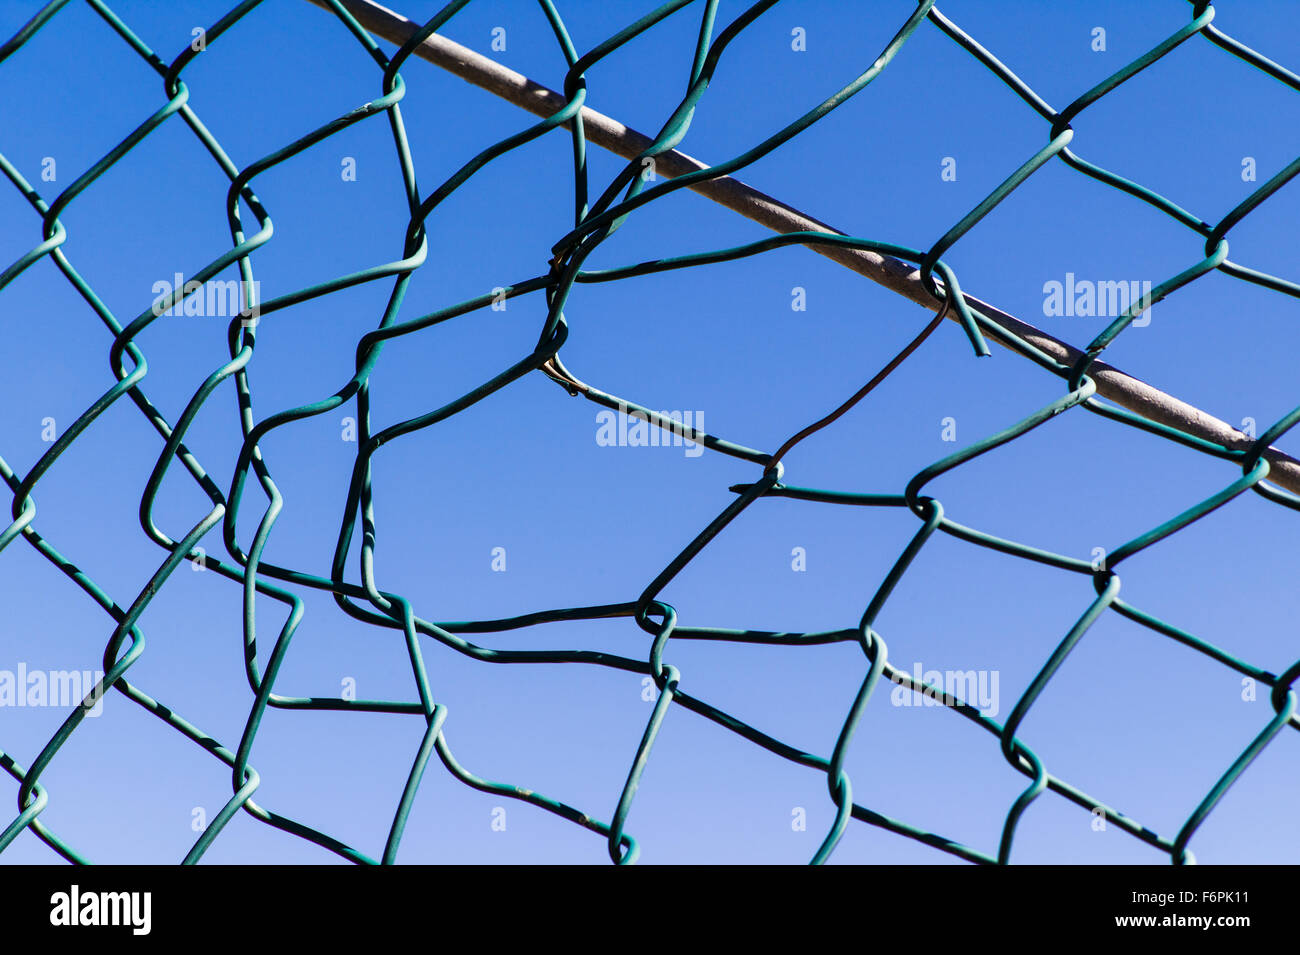 Zerrissenes Loch in einem Drahtgeflecht, Hurrikan oder Zyklon Stahl Zaun Stockbild